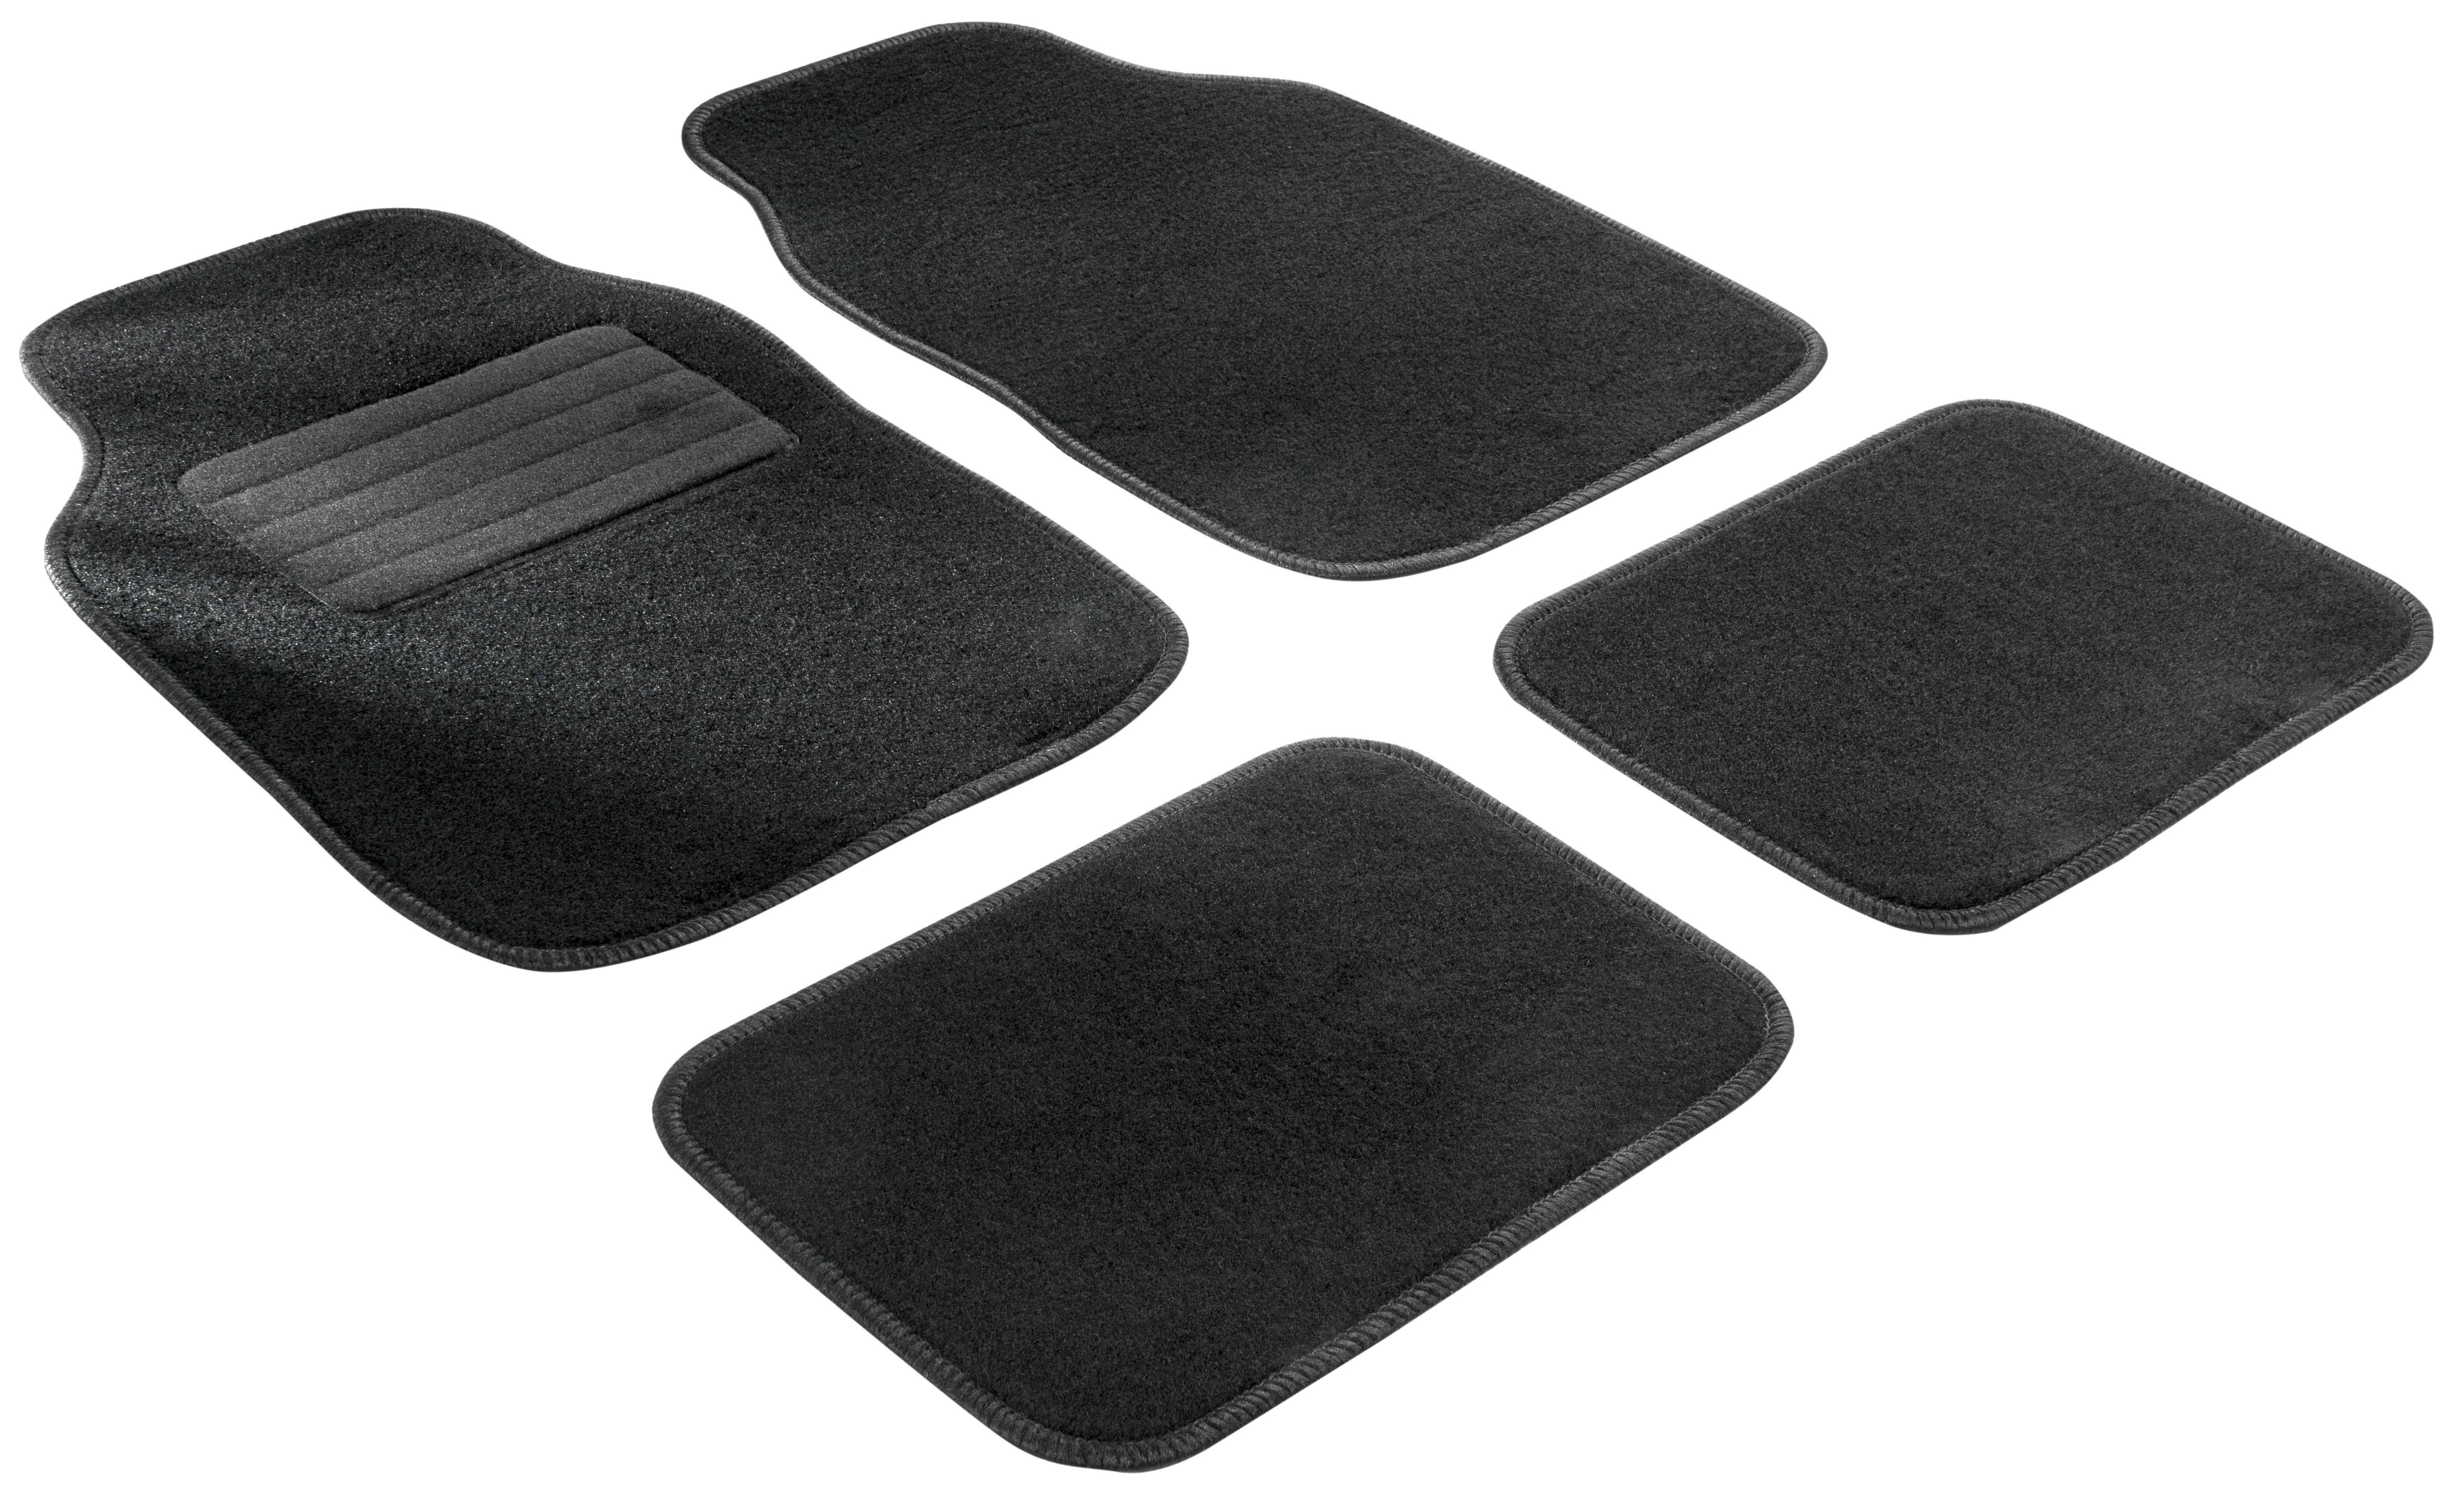 14705 WALSER Universelle passform Textil, vorne und hinten, Menge: 4, schwarz Größe: 29.5 x 43.5, 32 x 43.5, 67.5 x 43.5 Autofußmatten 14705 günstig kaufen